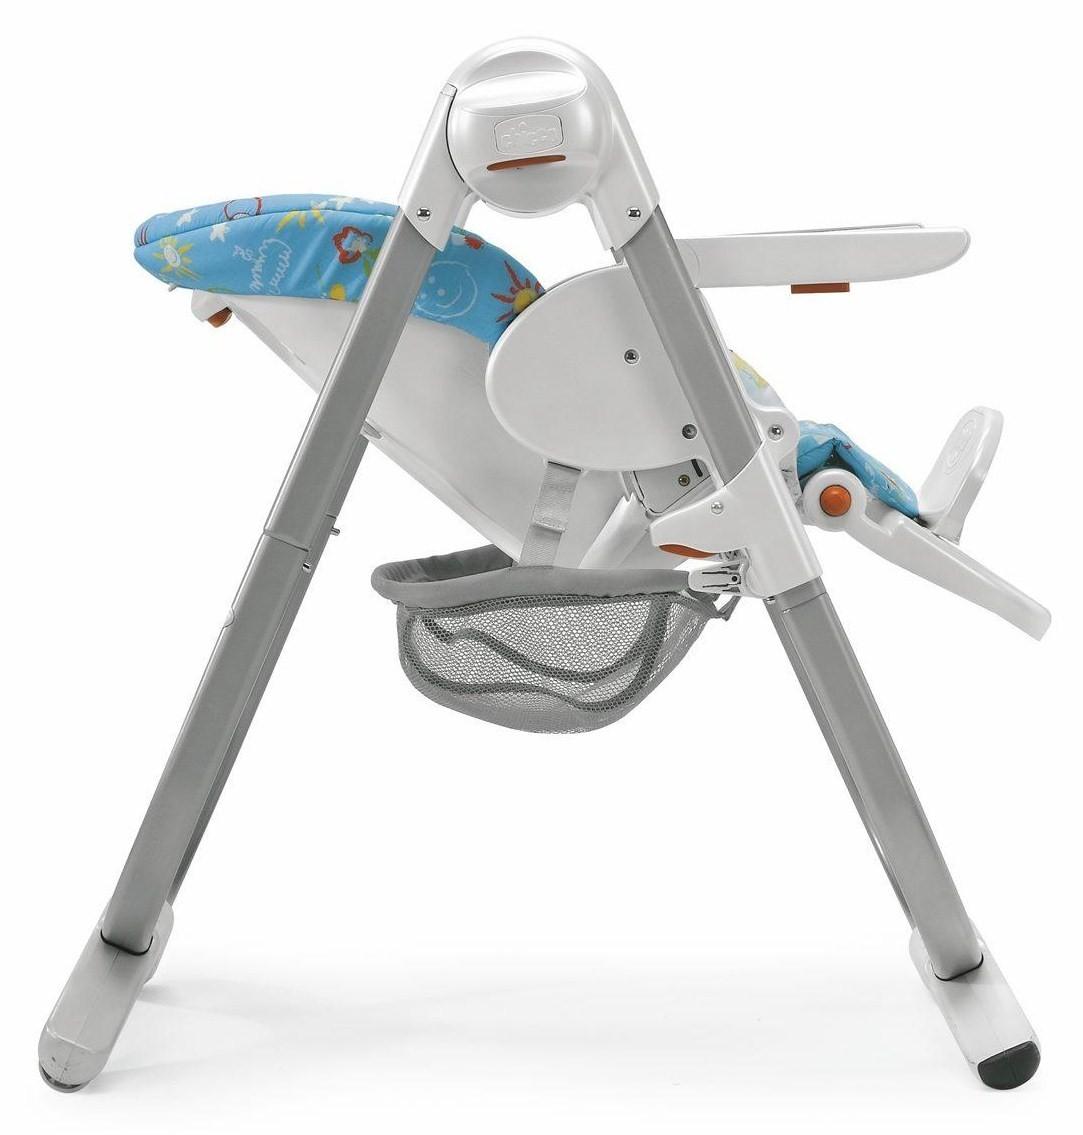 Chicco Polly Magic купить стульчик для кормления цены отзывы